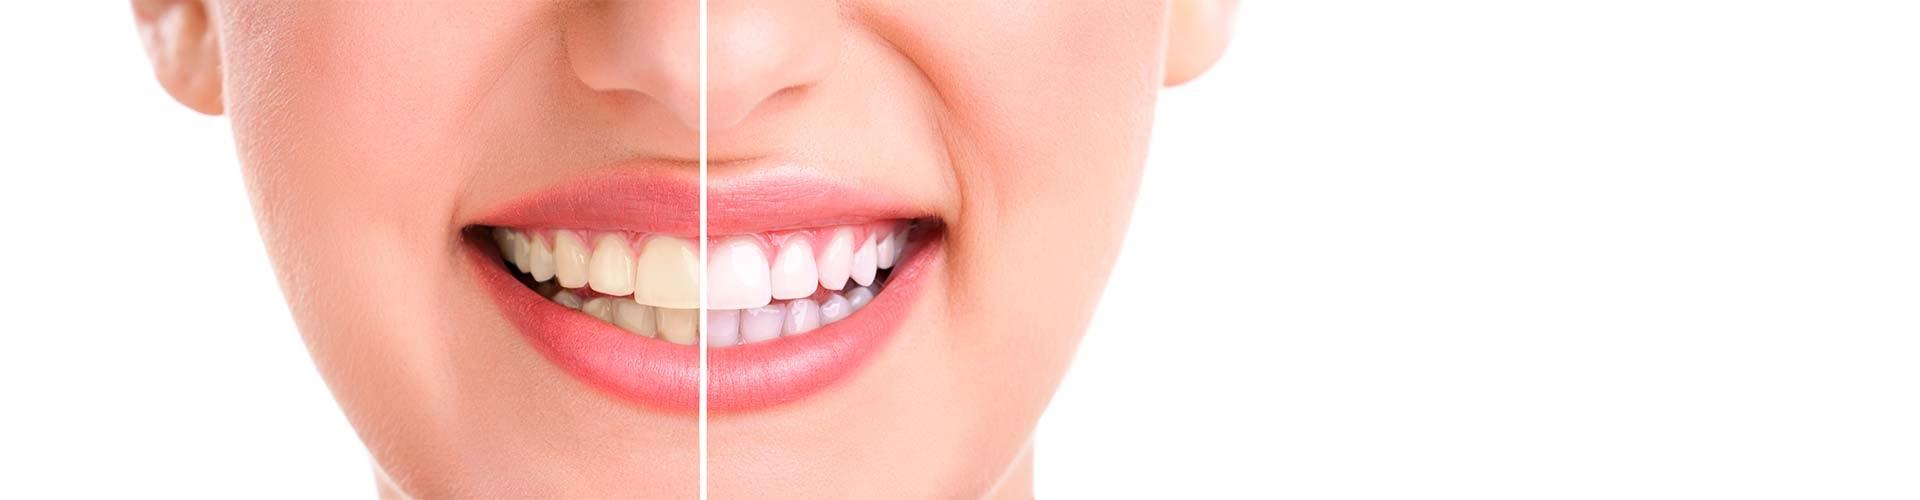 Λευκά Δόντια Πριν και Μετά